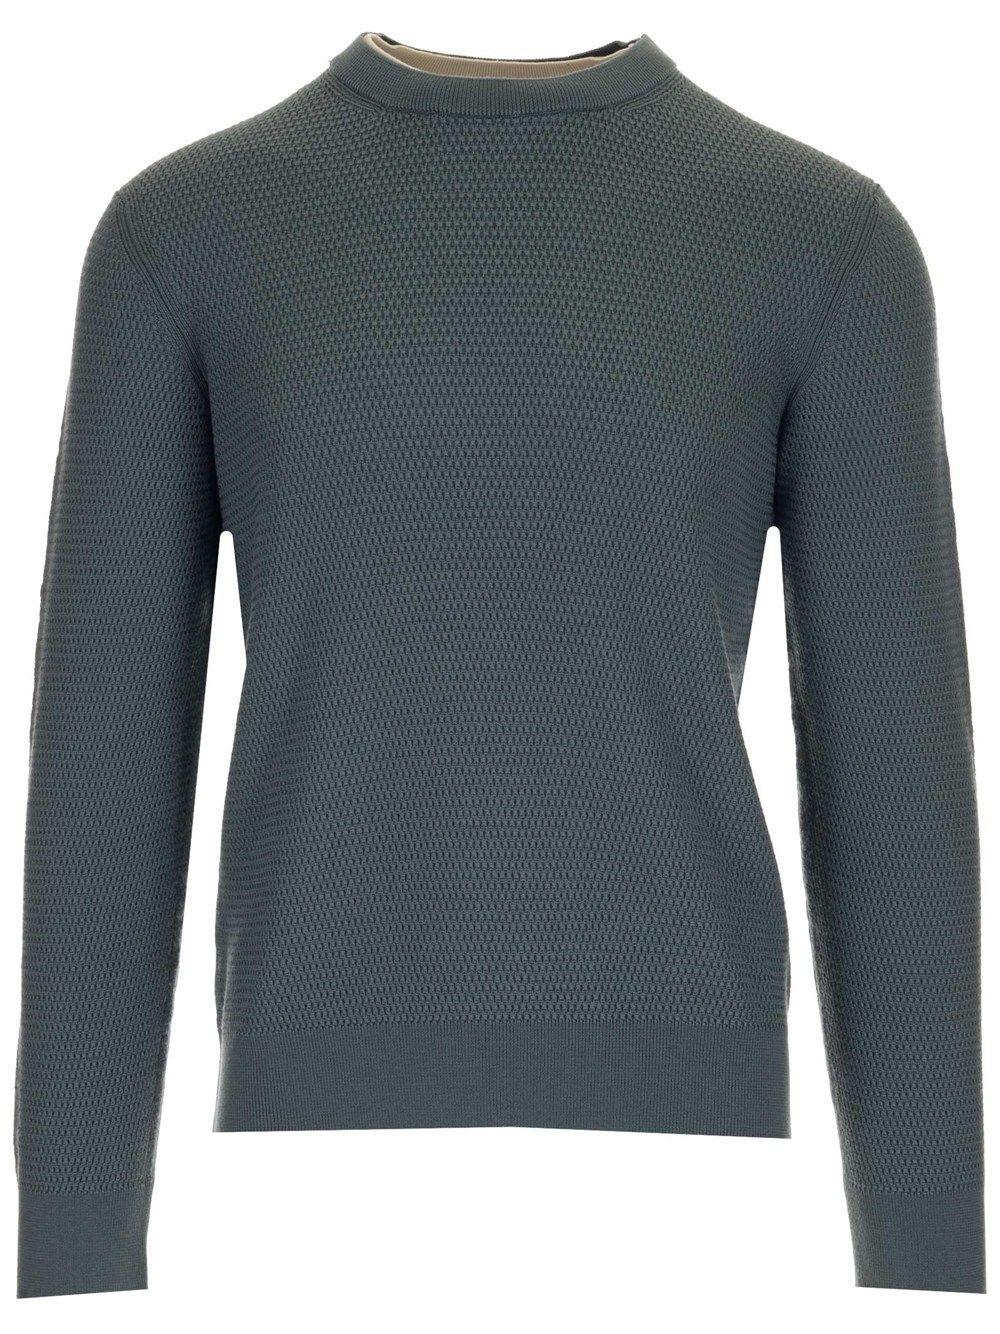 Ermenegildo Zegna Sweaters ERMENEGILDO ZEGNA MEN'S LIGHT BLUE OTHER MATERIALS SWEATER